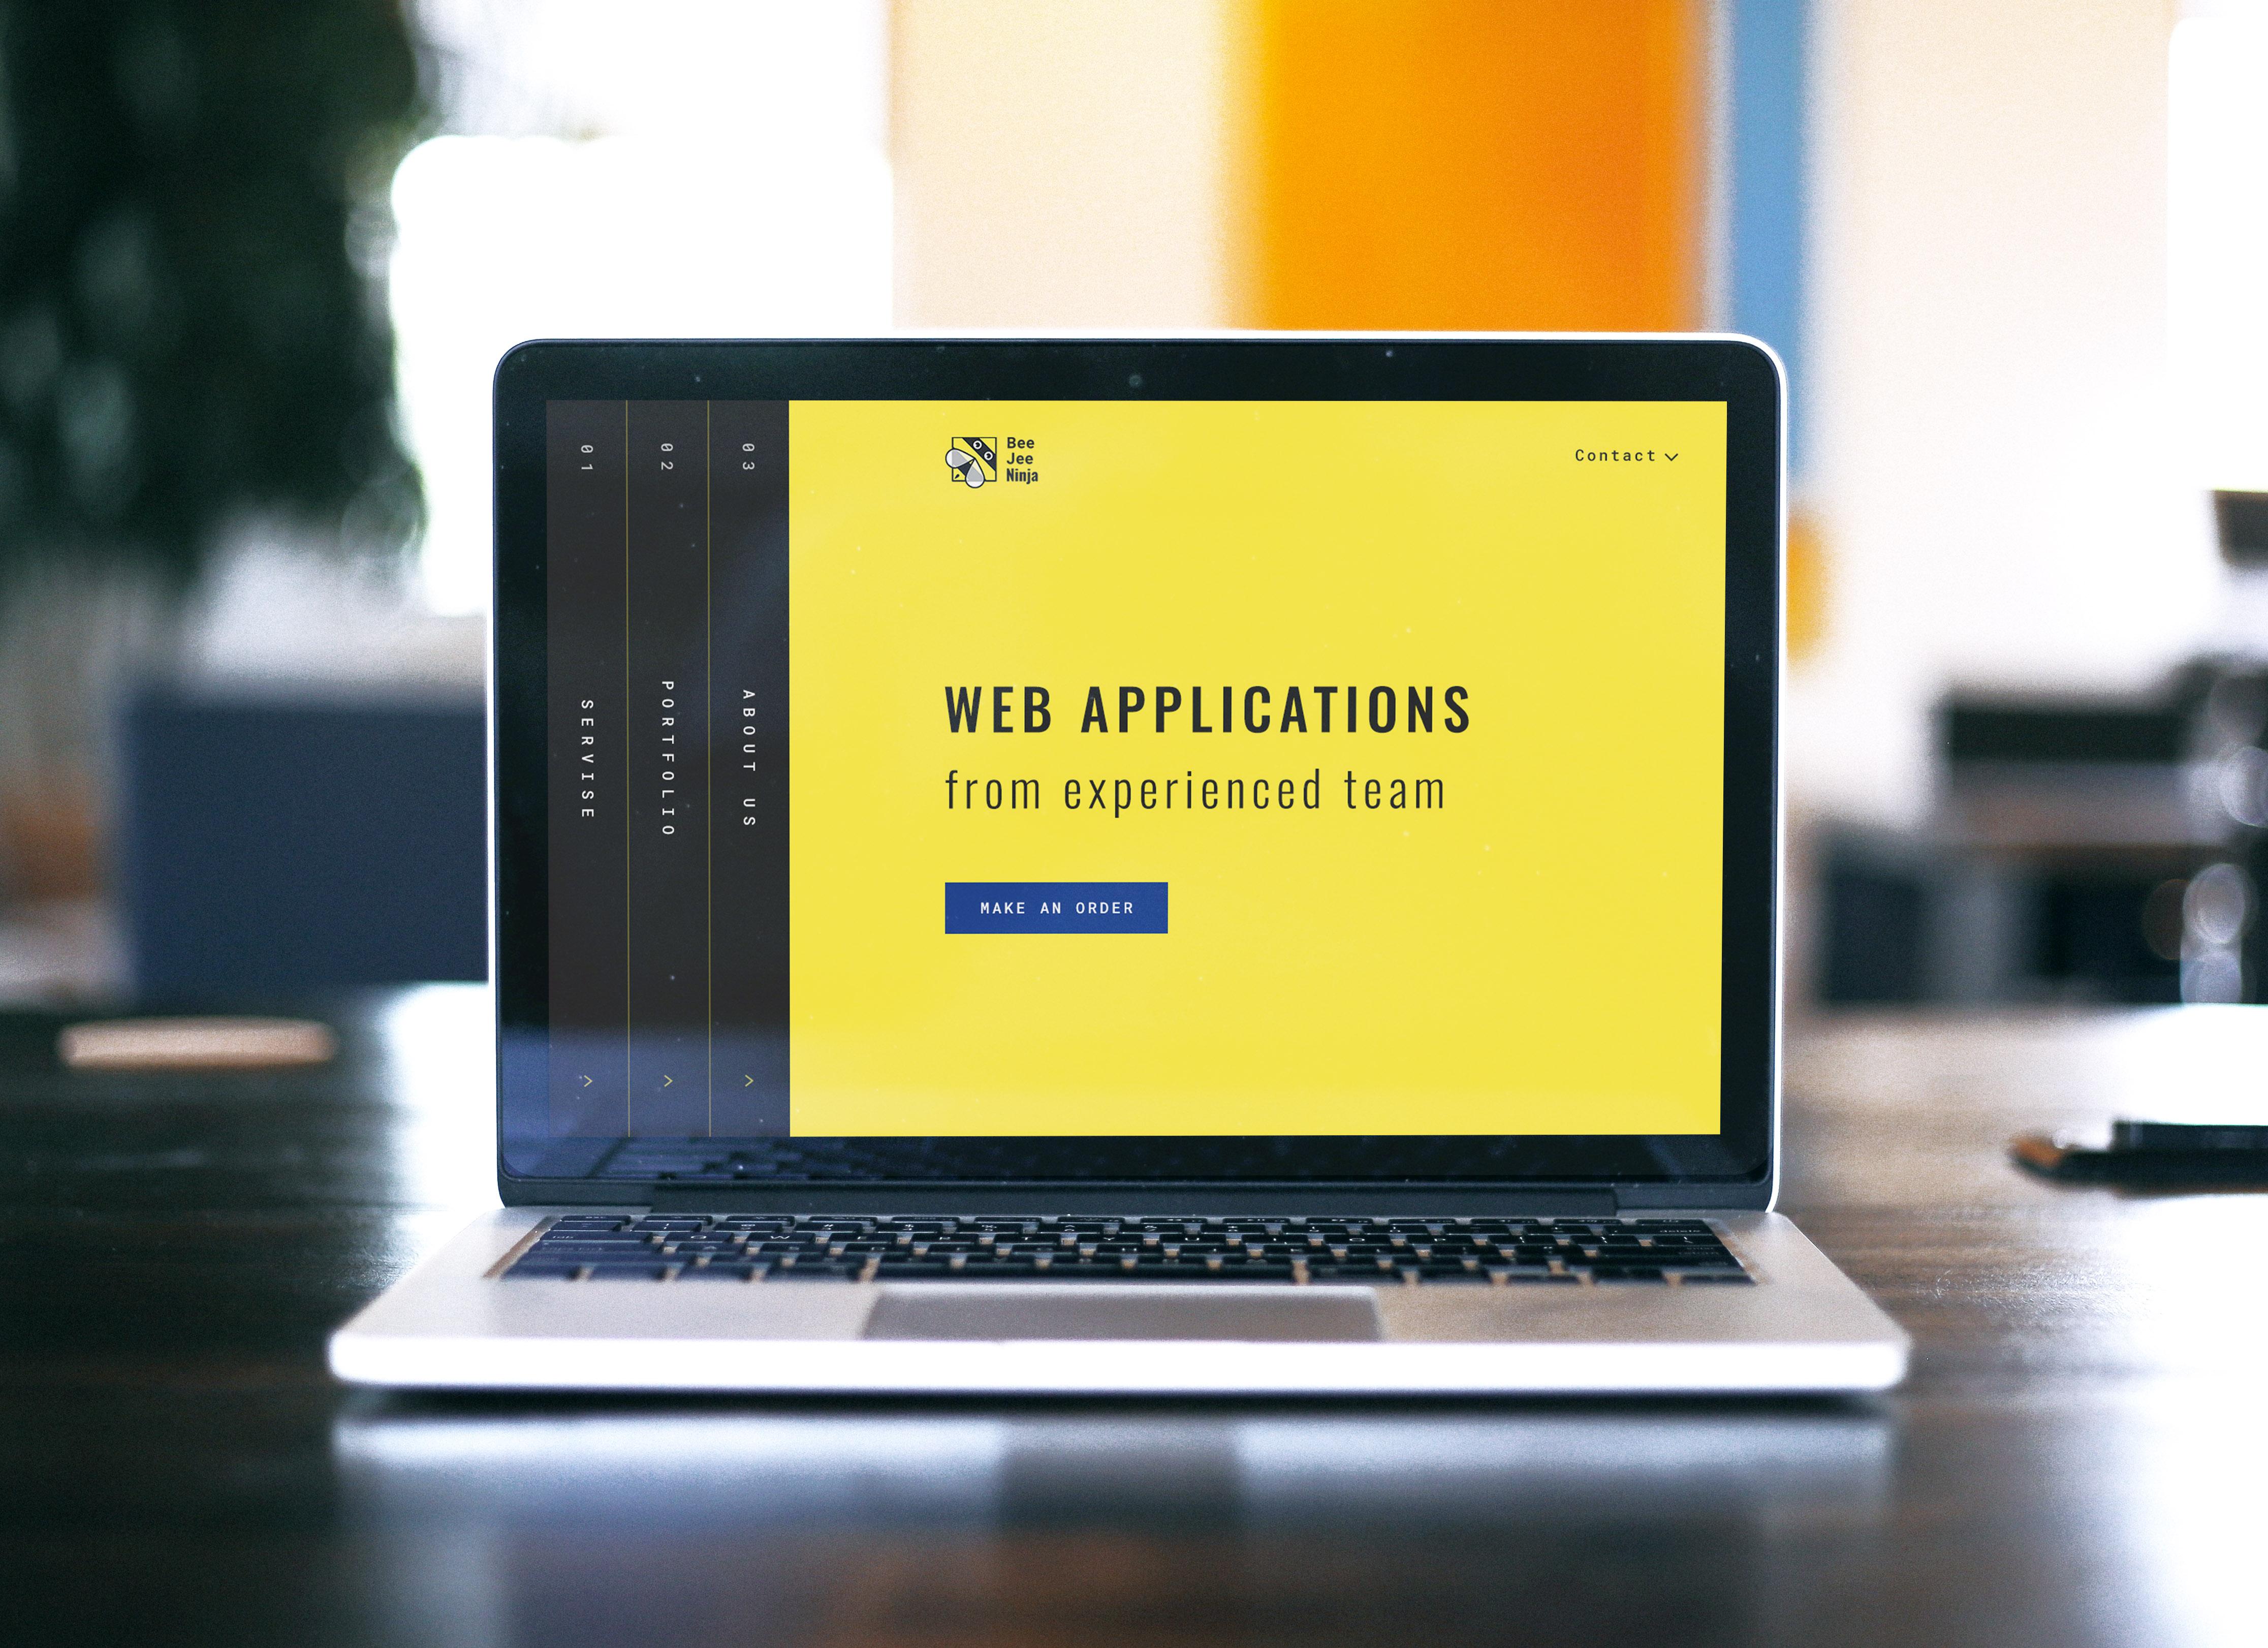 Концепт дизайна сайта в корпоративном стиле для IT компании фото f_857596b486f7a328.jpg